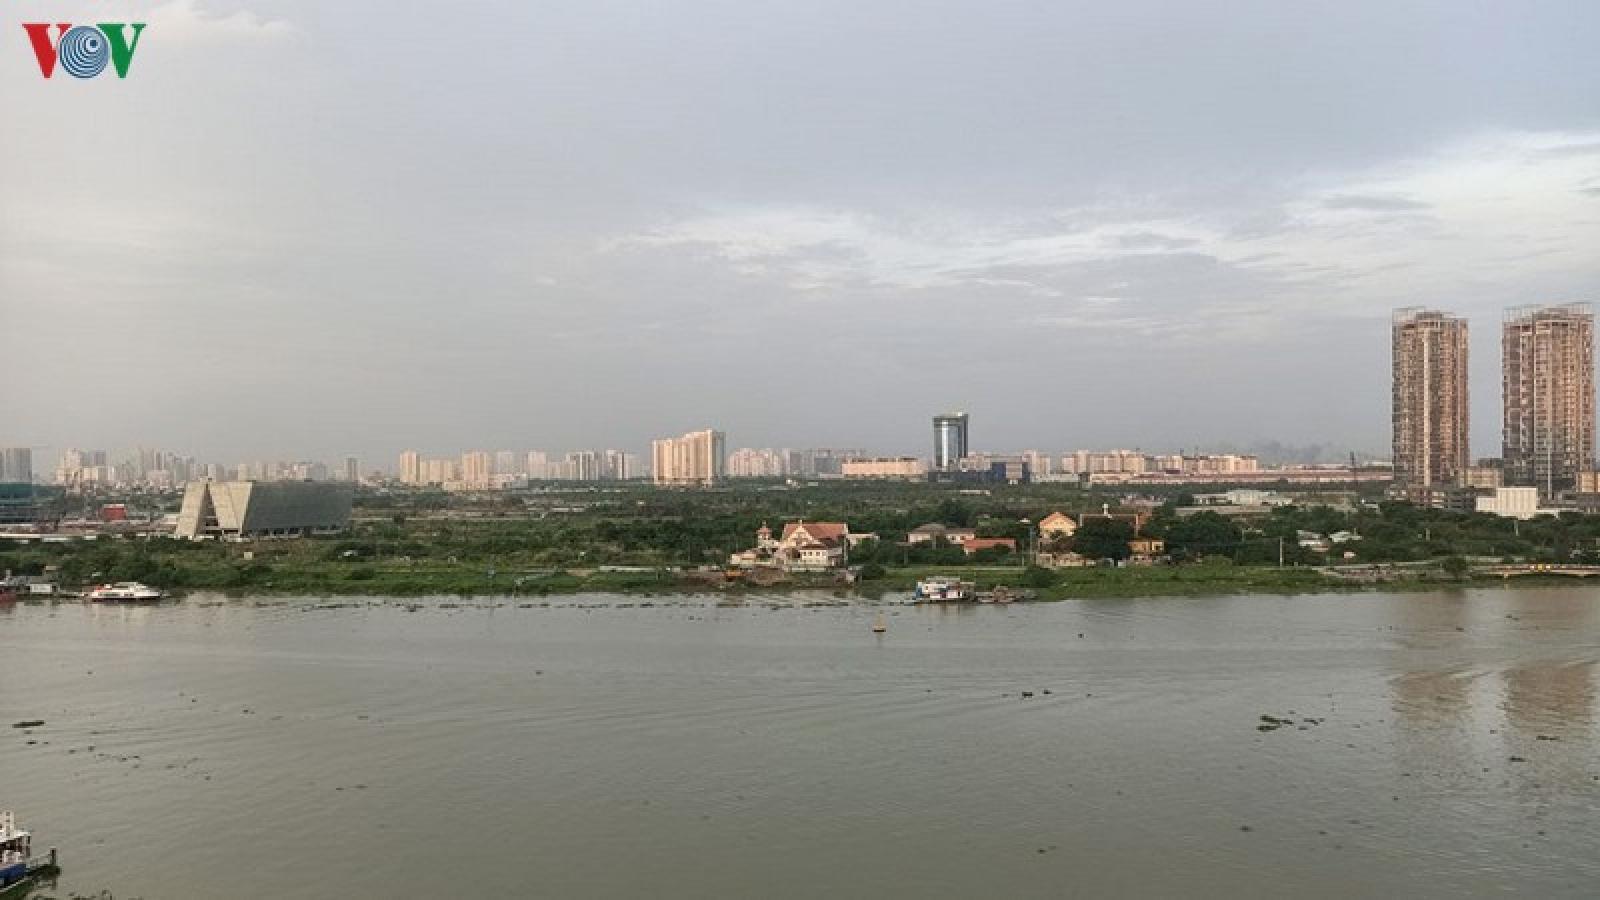 Đề xuất đấu giá quyền sử dụng đất hơn 300.000 m2 tại Thủ Thiêm